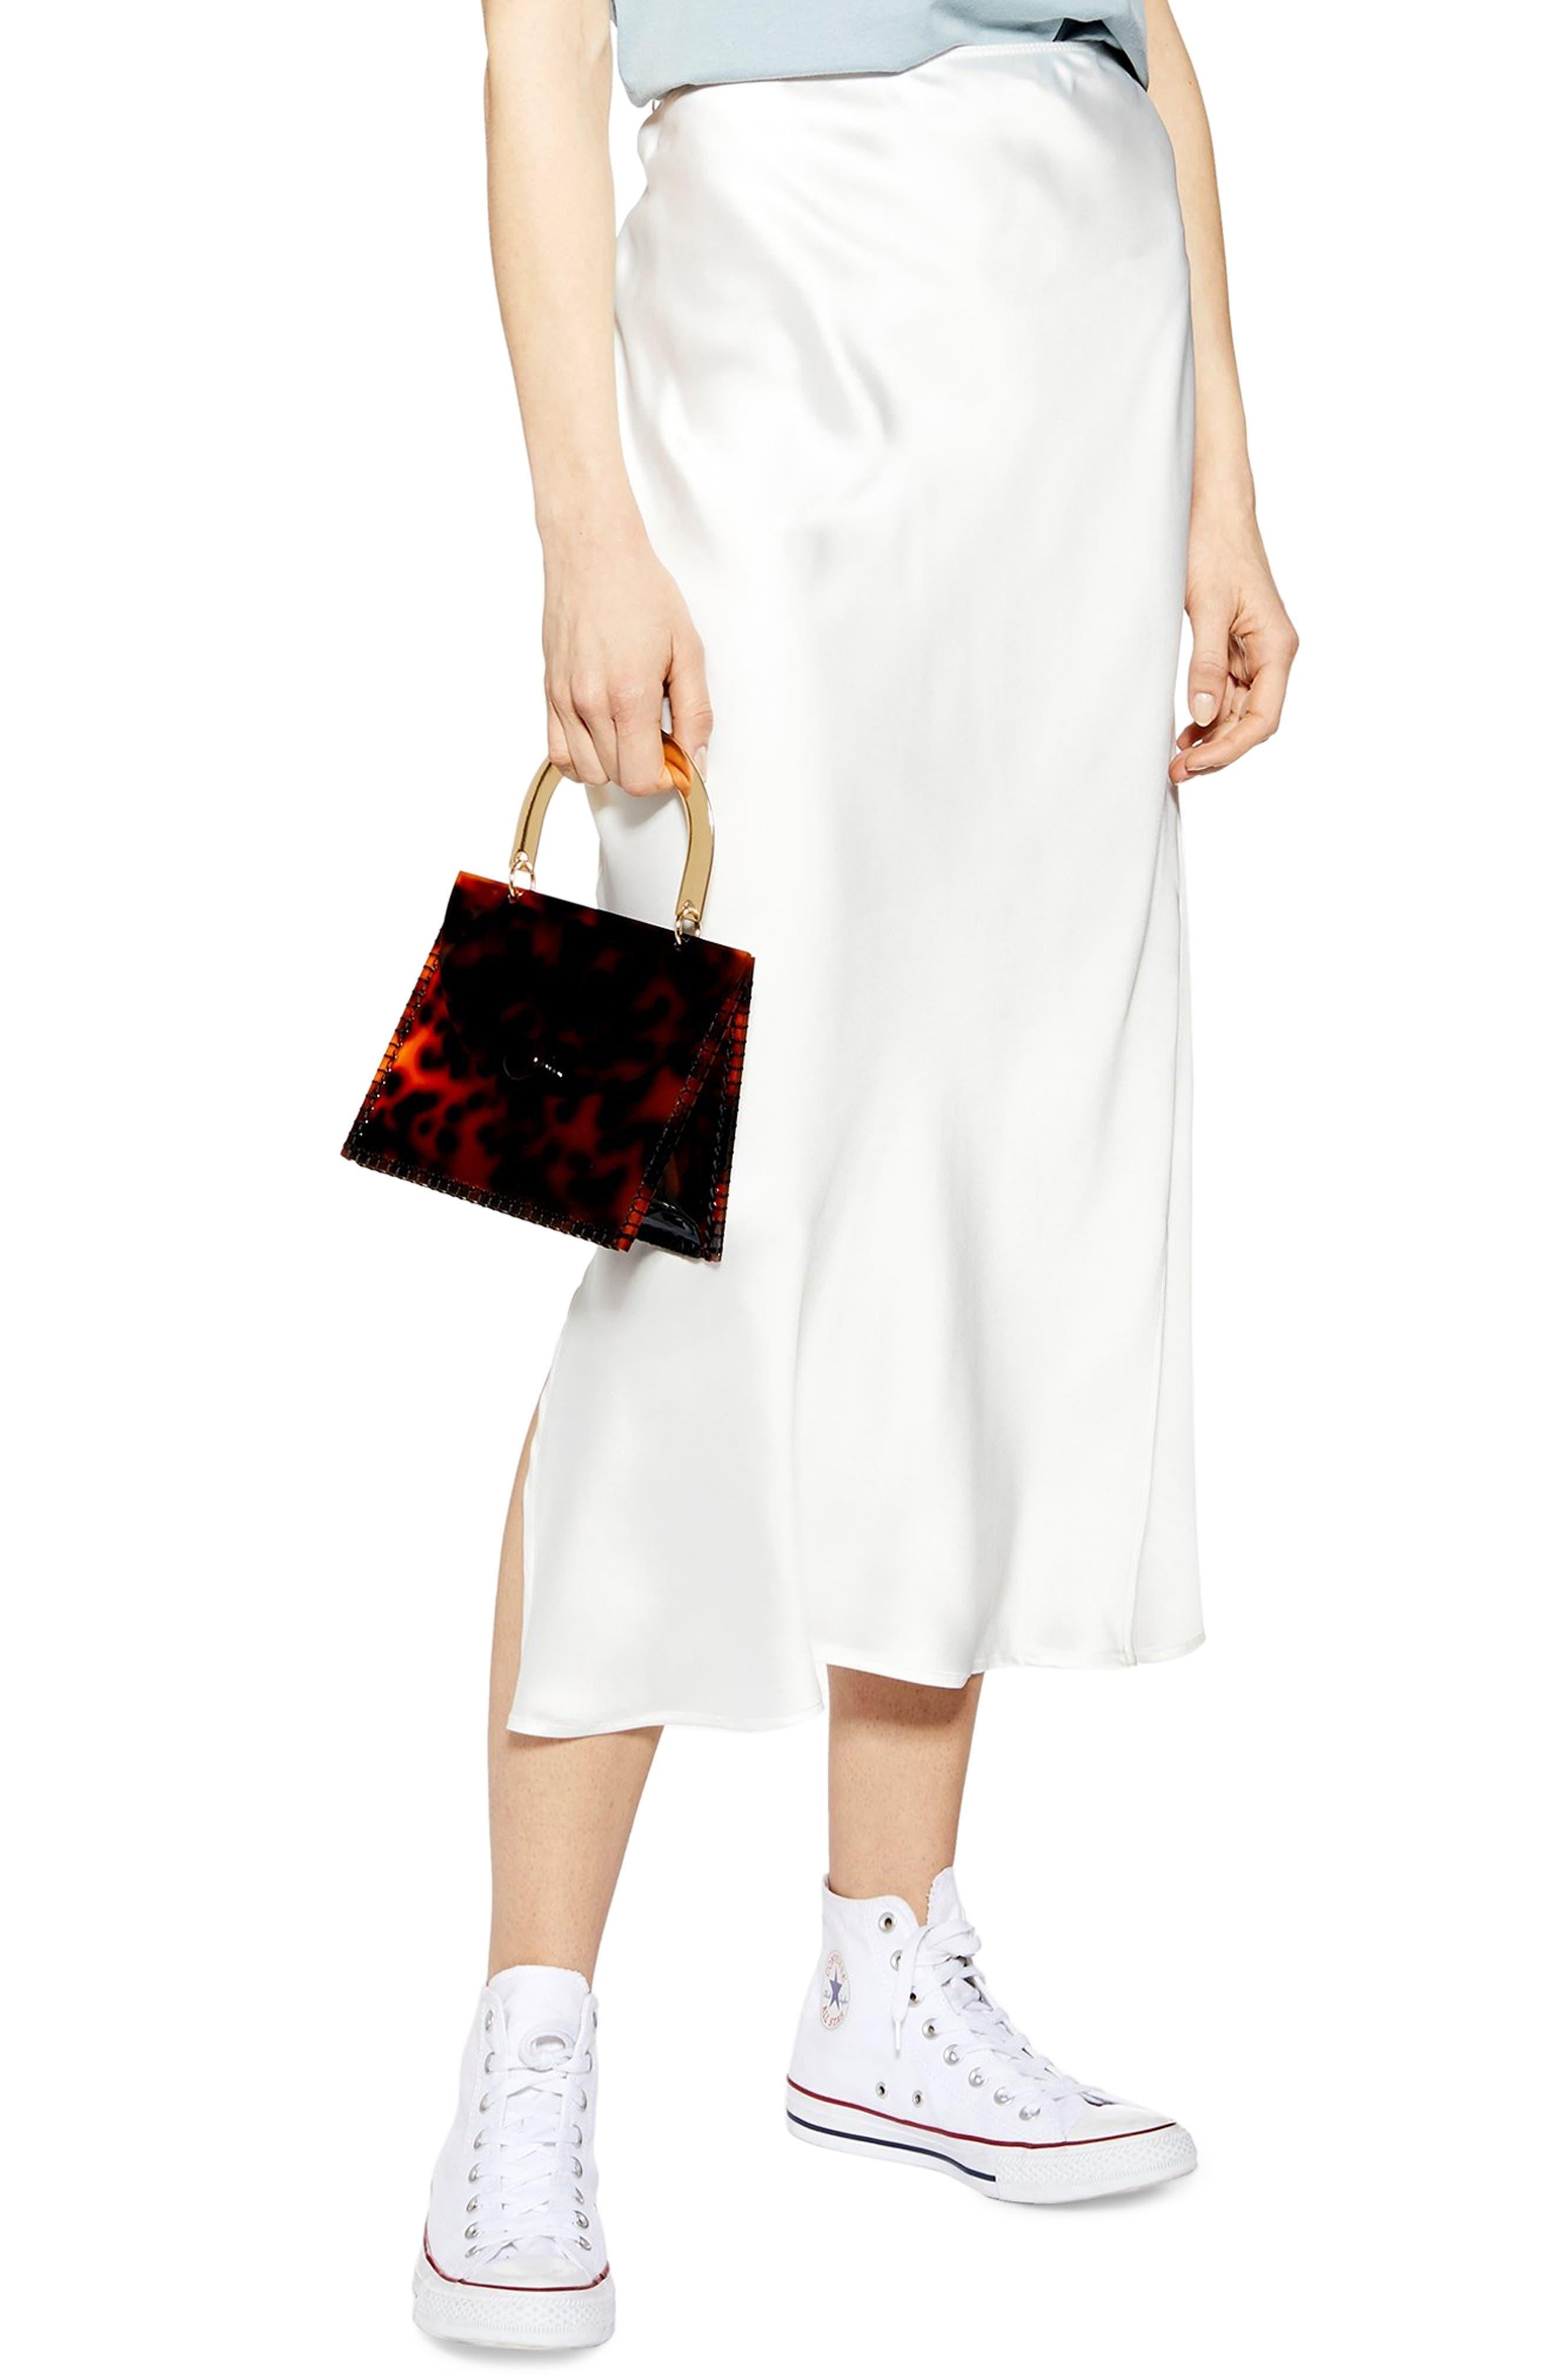 Topshop Split Side Bias Midi Skirt, US (fits like 2-4) - Ivory